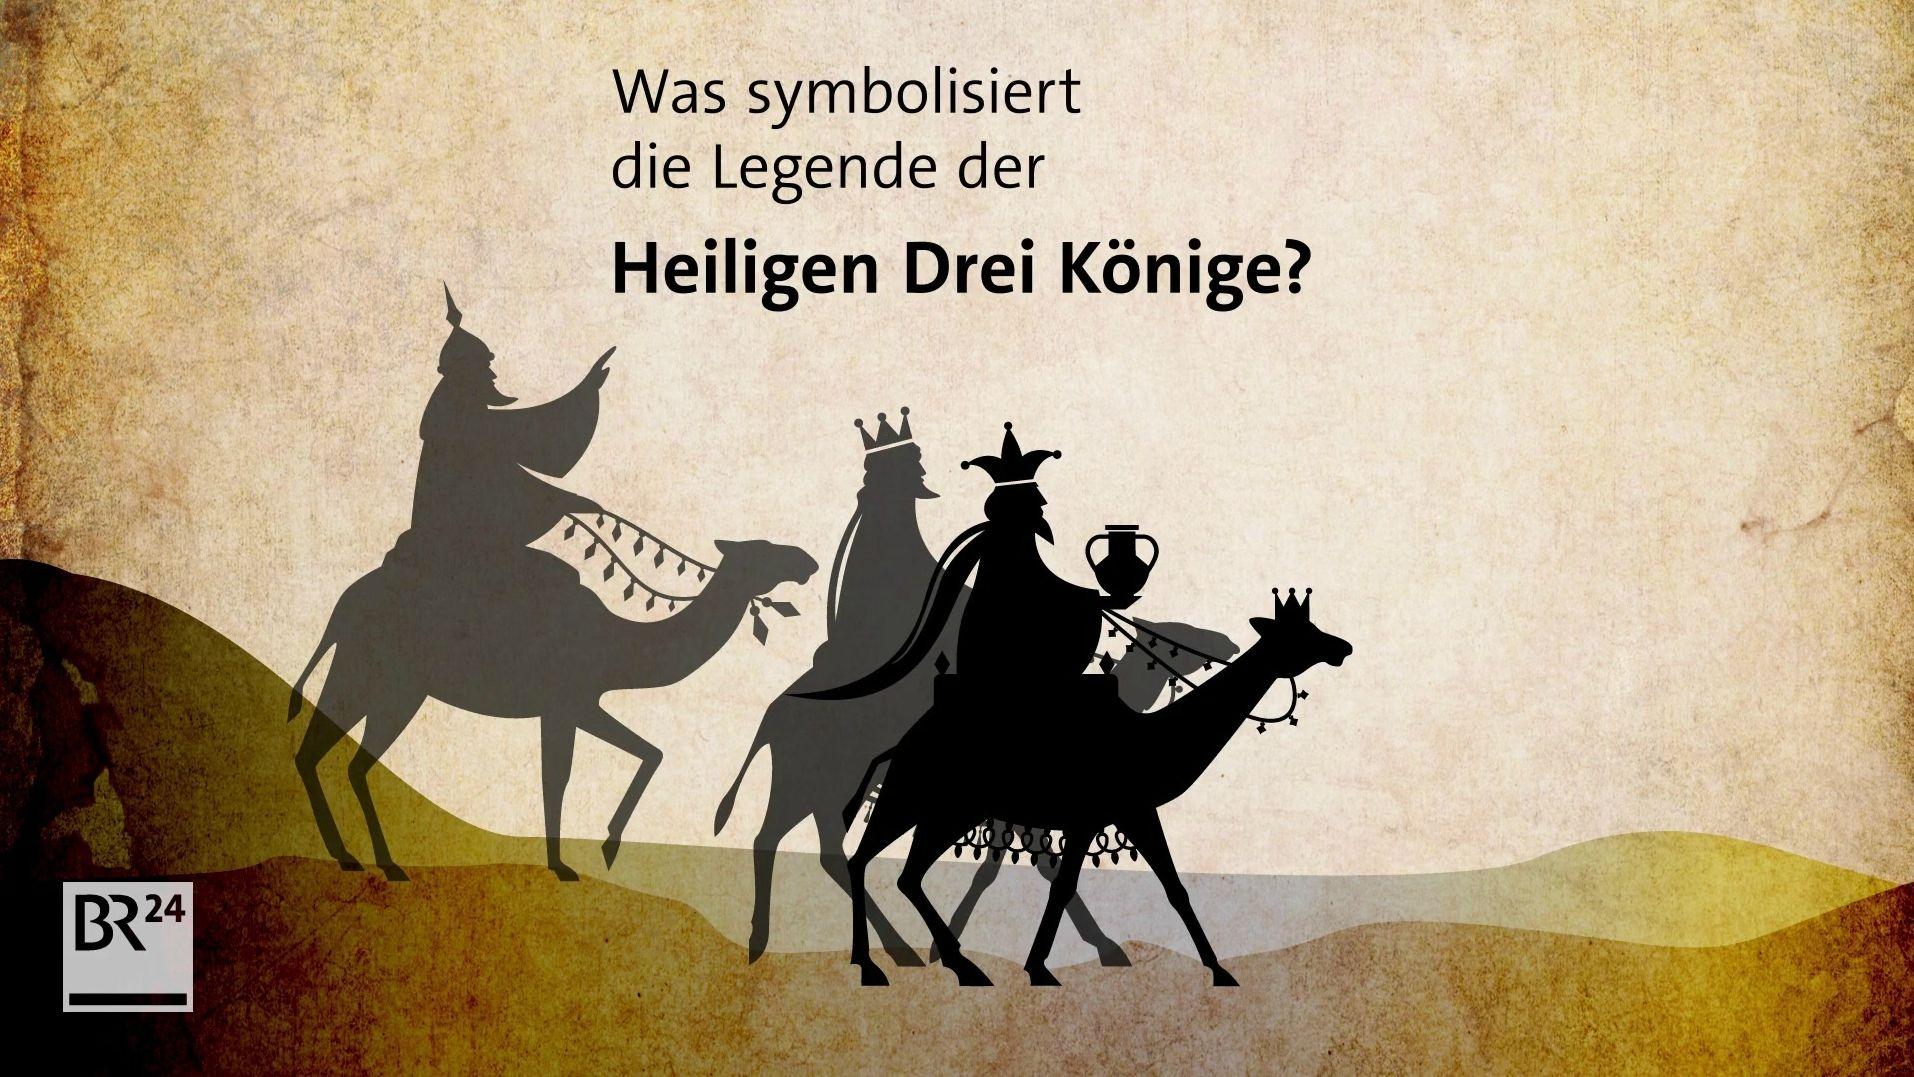 Was symbolisiert die Legende der Heiligen Drei Könige?